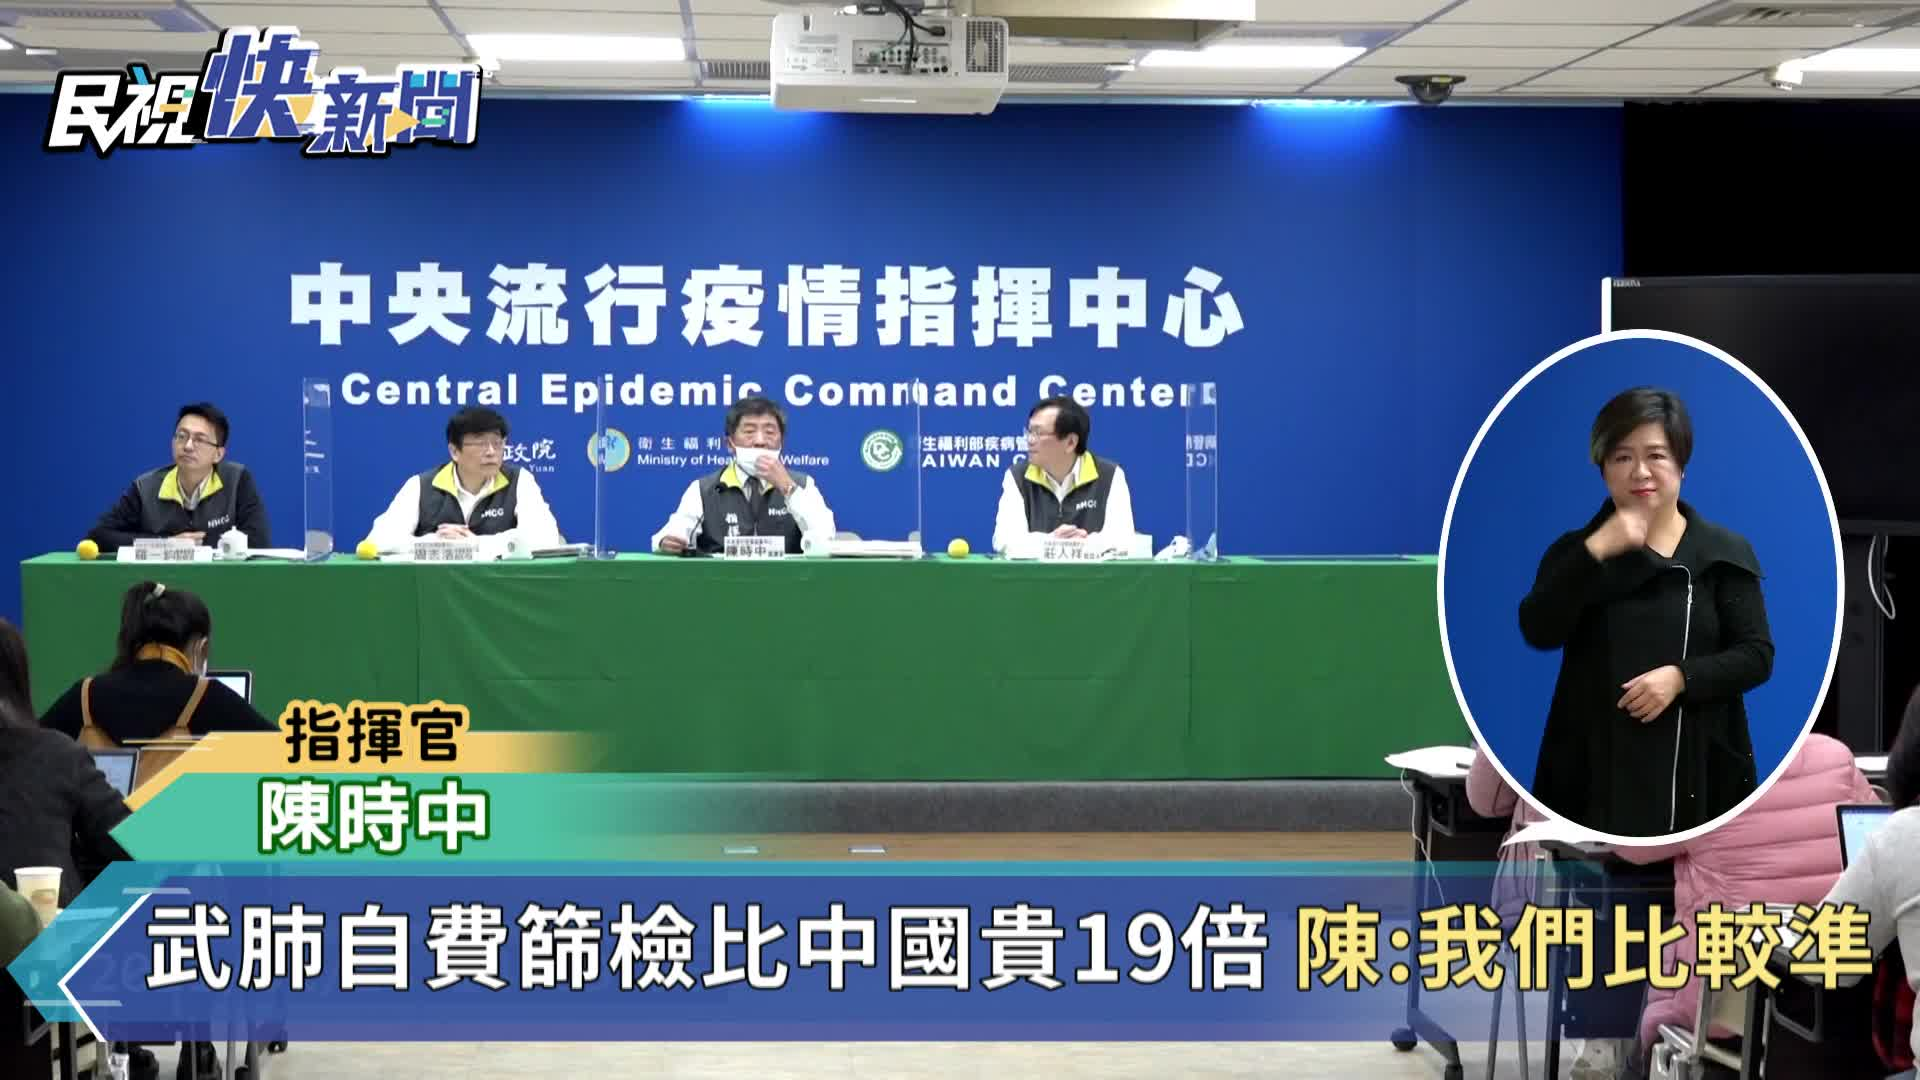 快新聞/武肺自費篩檢比中國貴19倍 陳時中:我們比較準啊